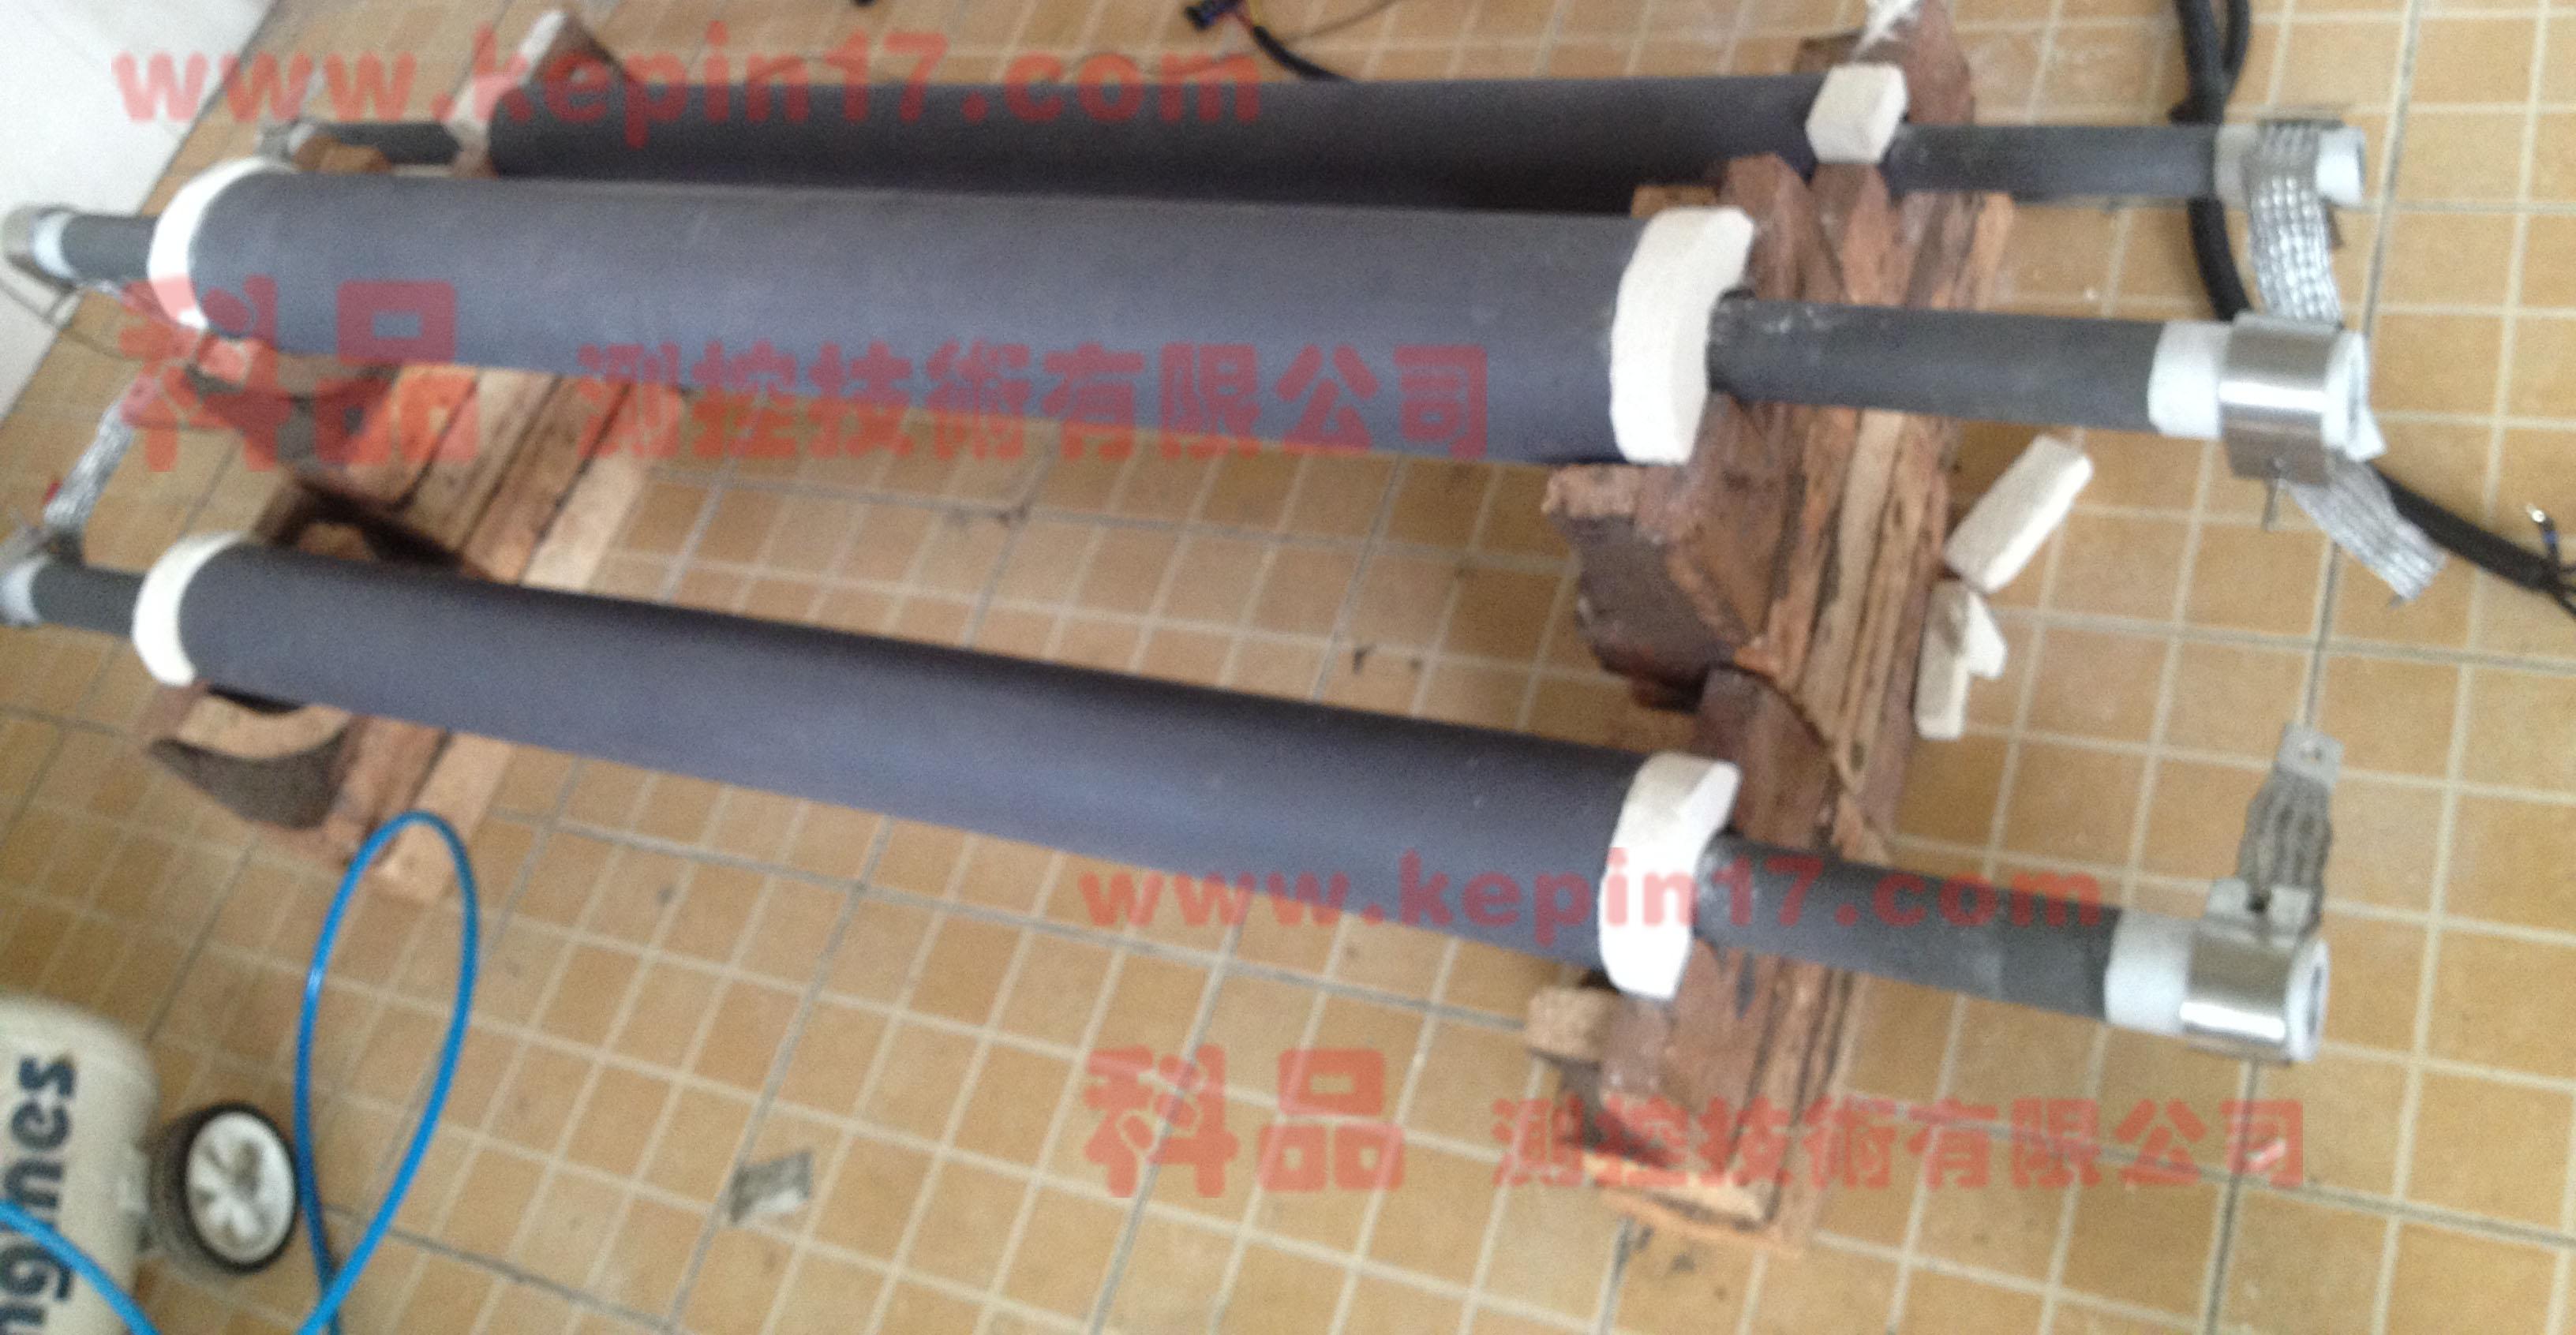 绝热材料最高使用温度测试仪加热部分(未置入试验箱前)